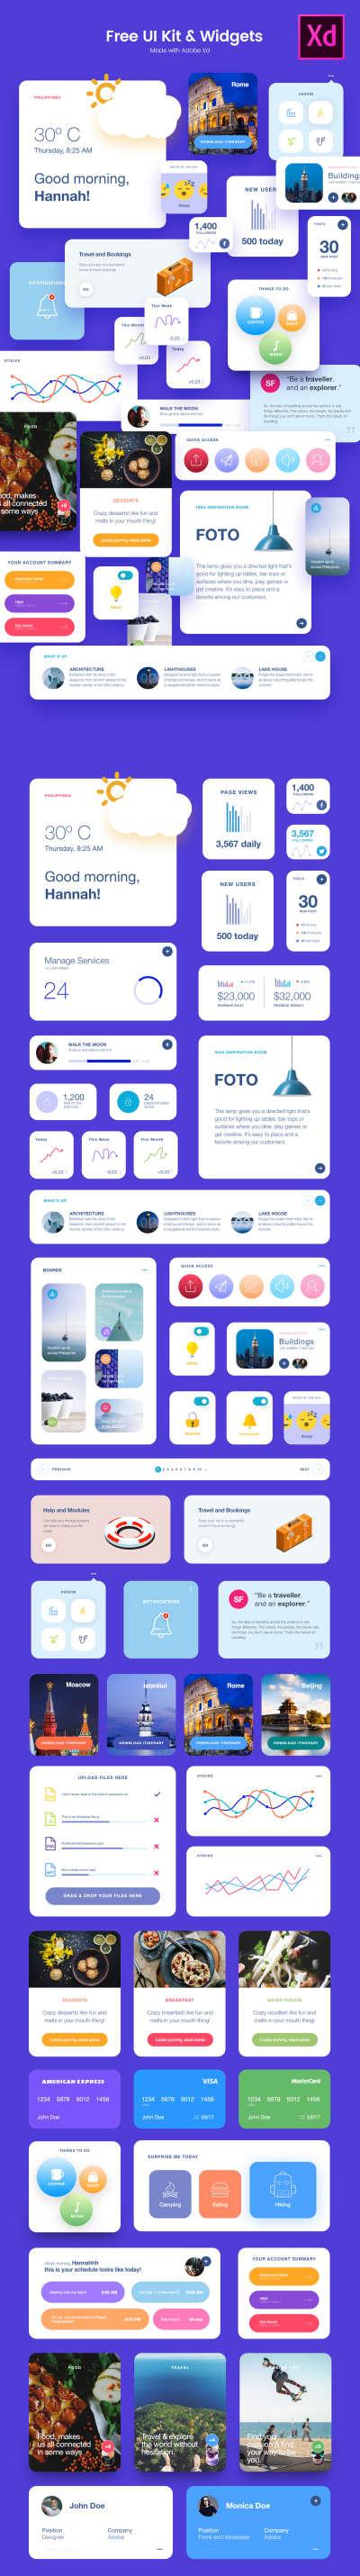 Free UI Kit & Widgets